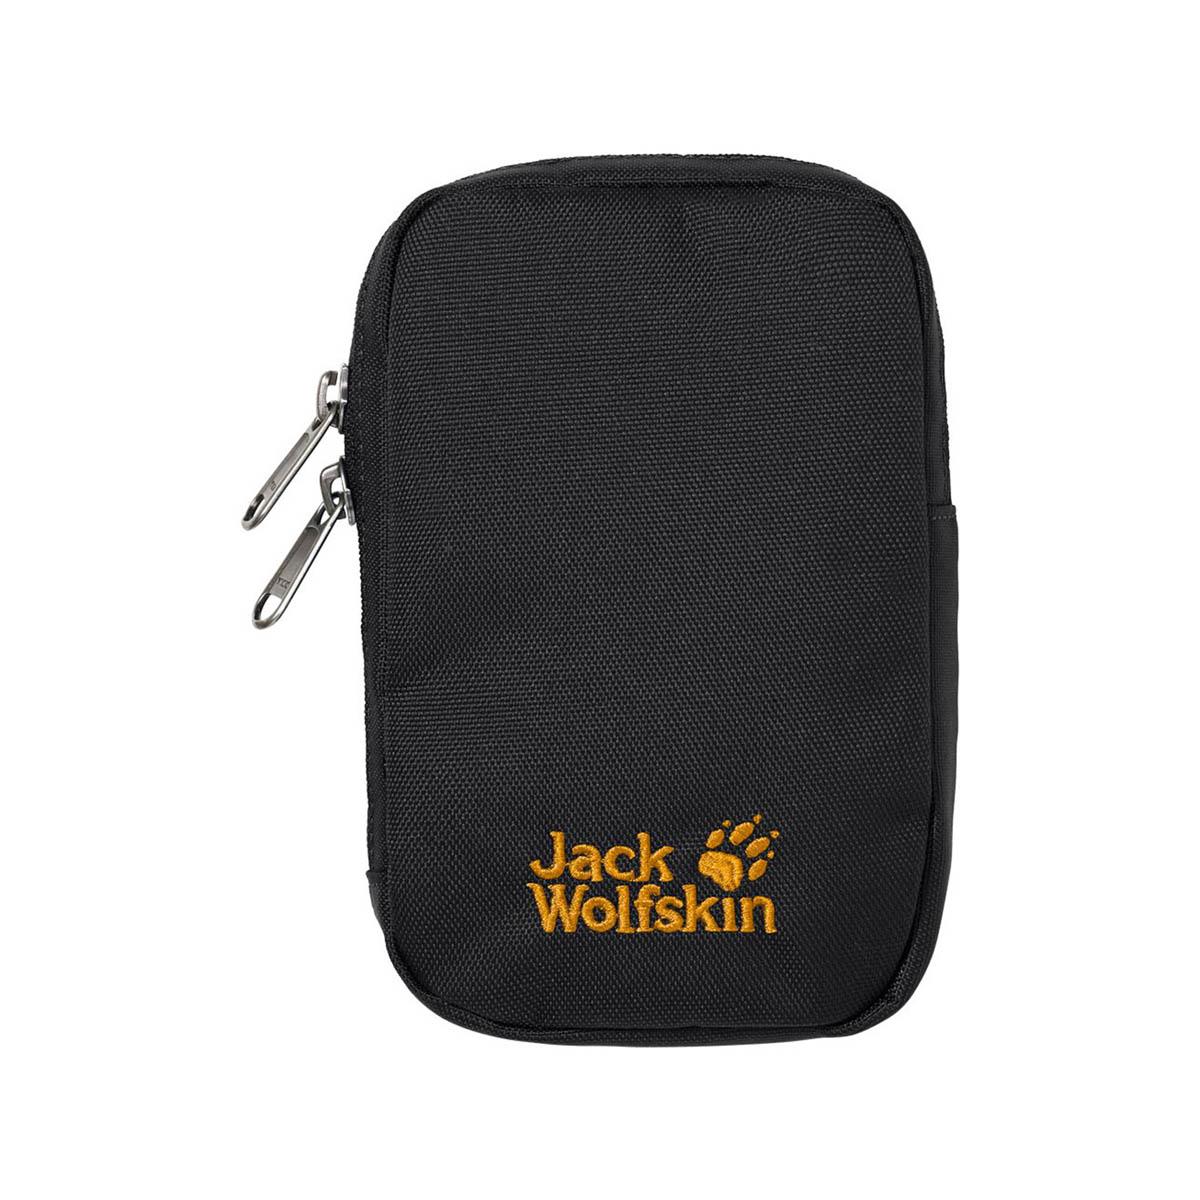 JACK WOLFSKIN - GADGET POUCH M